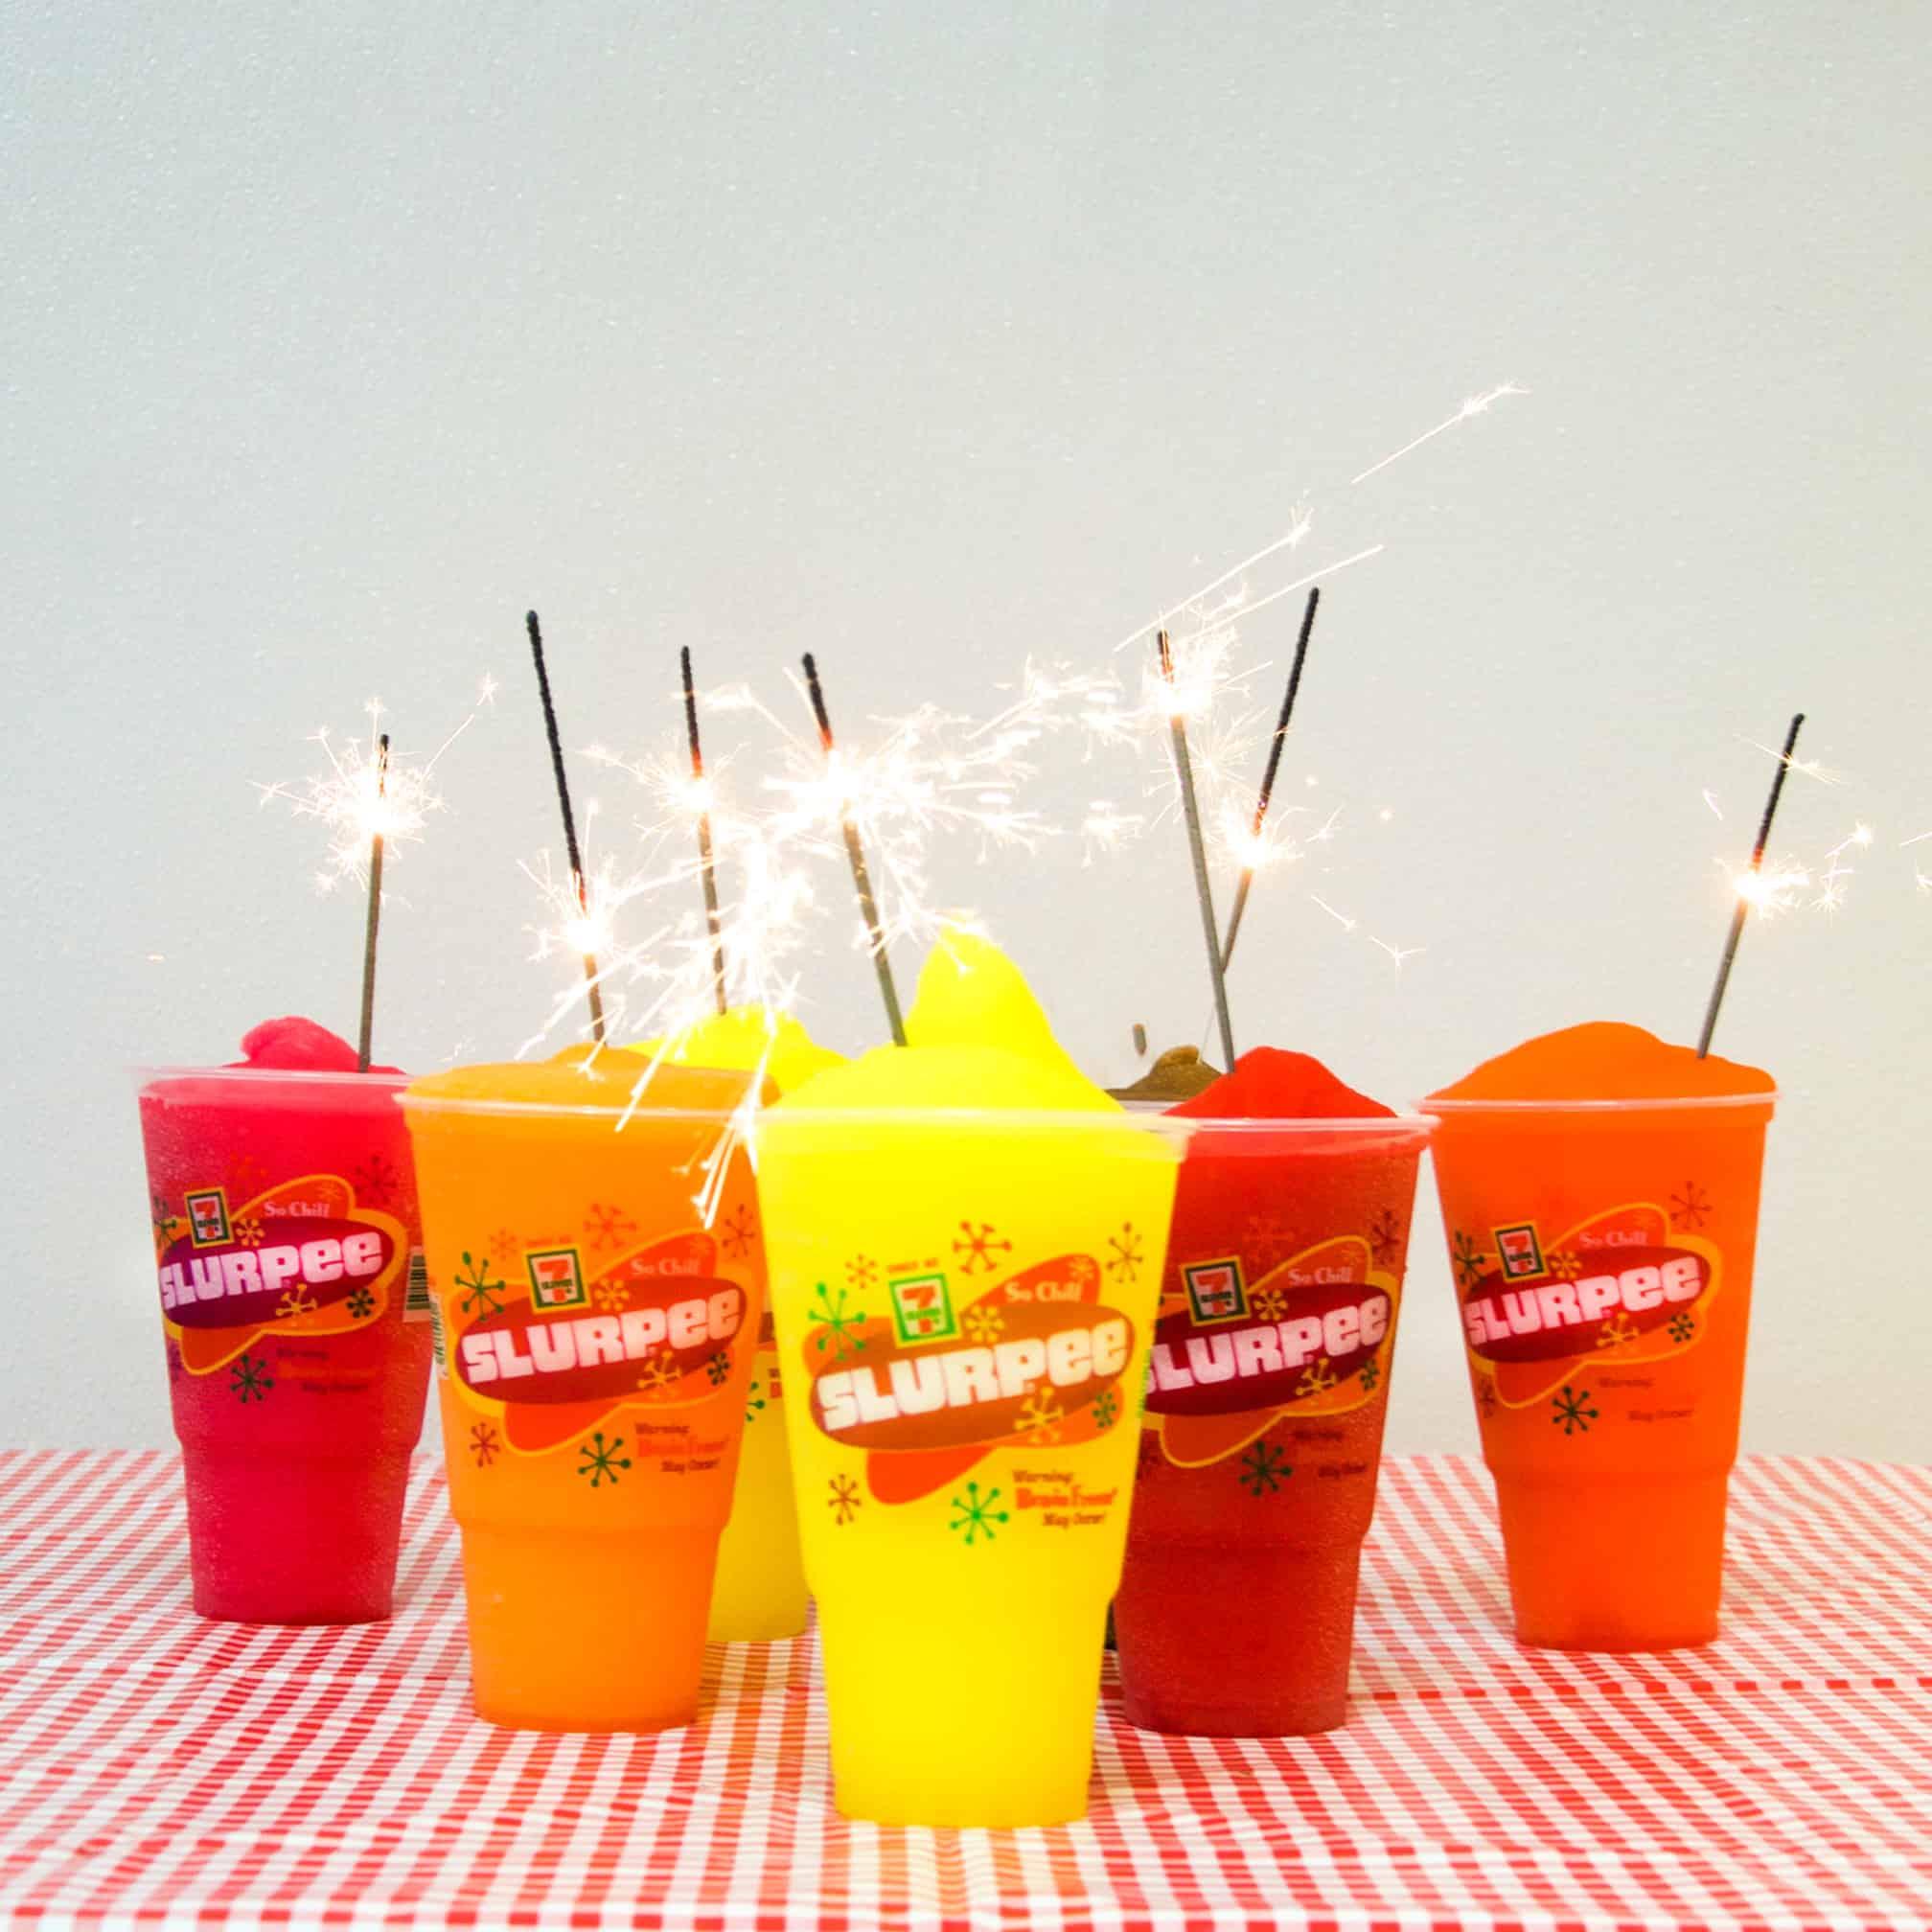 Slurpee---Rewards-Week-Slurpee-Sparkle-FB